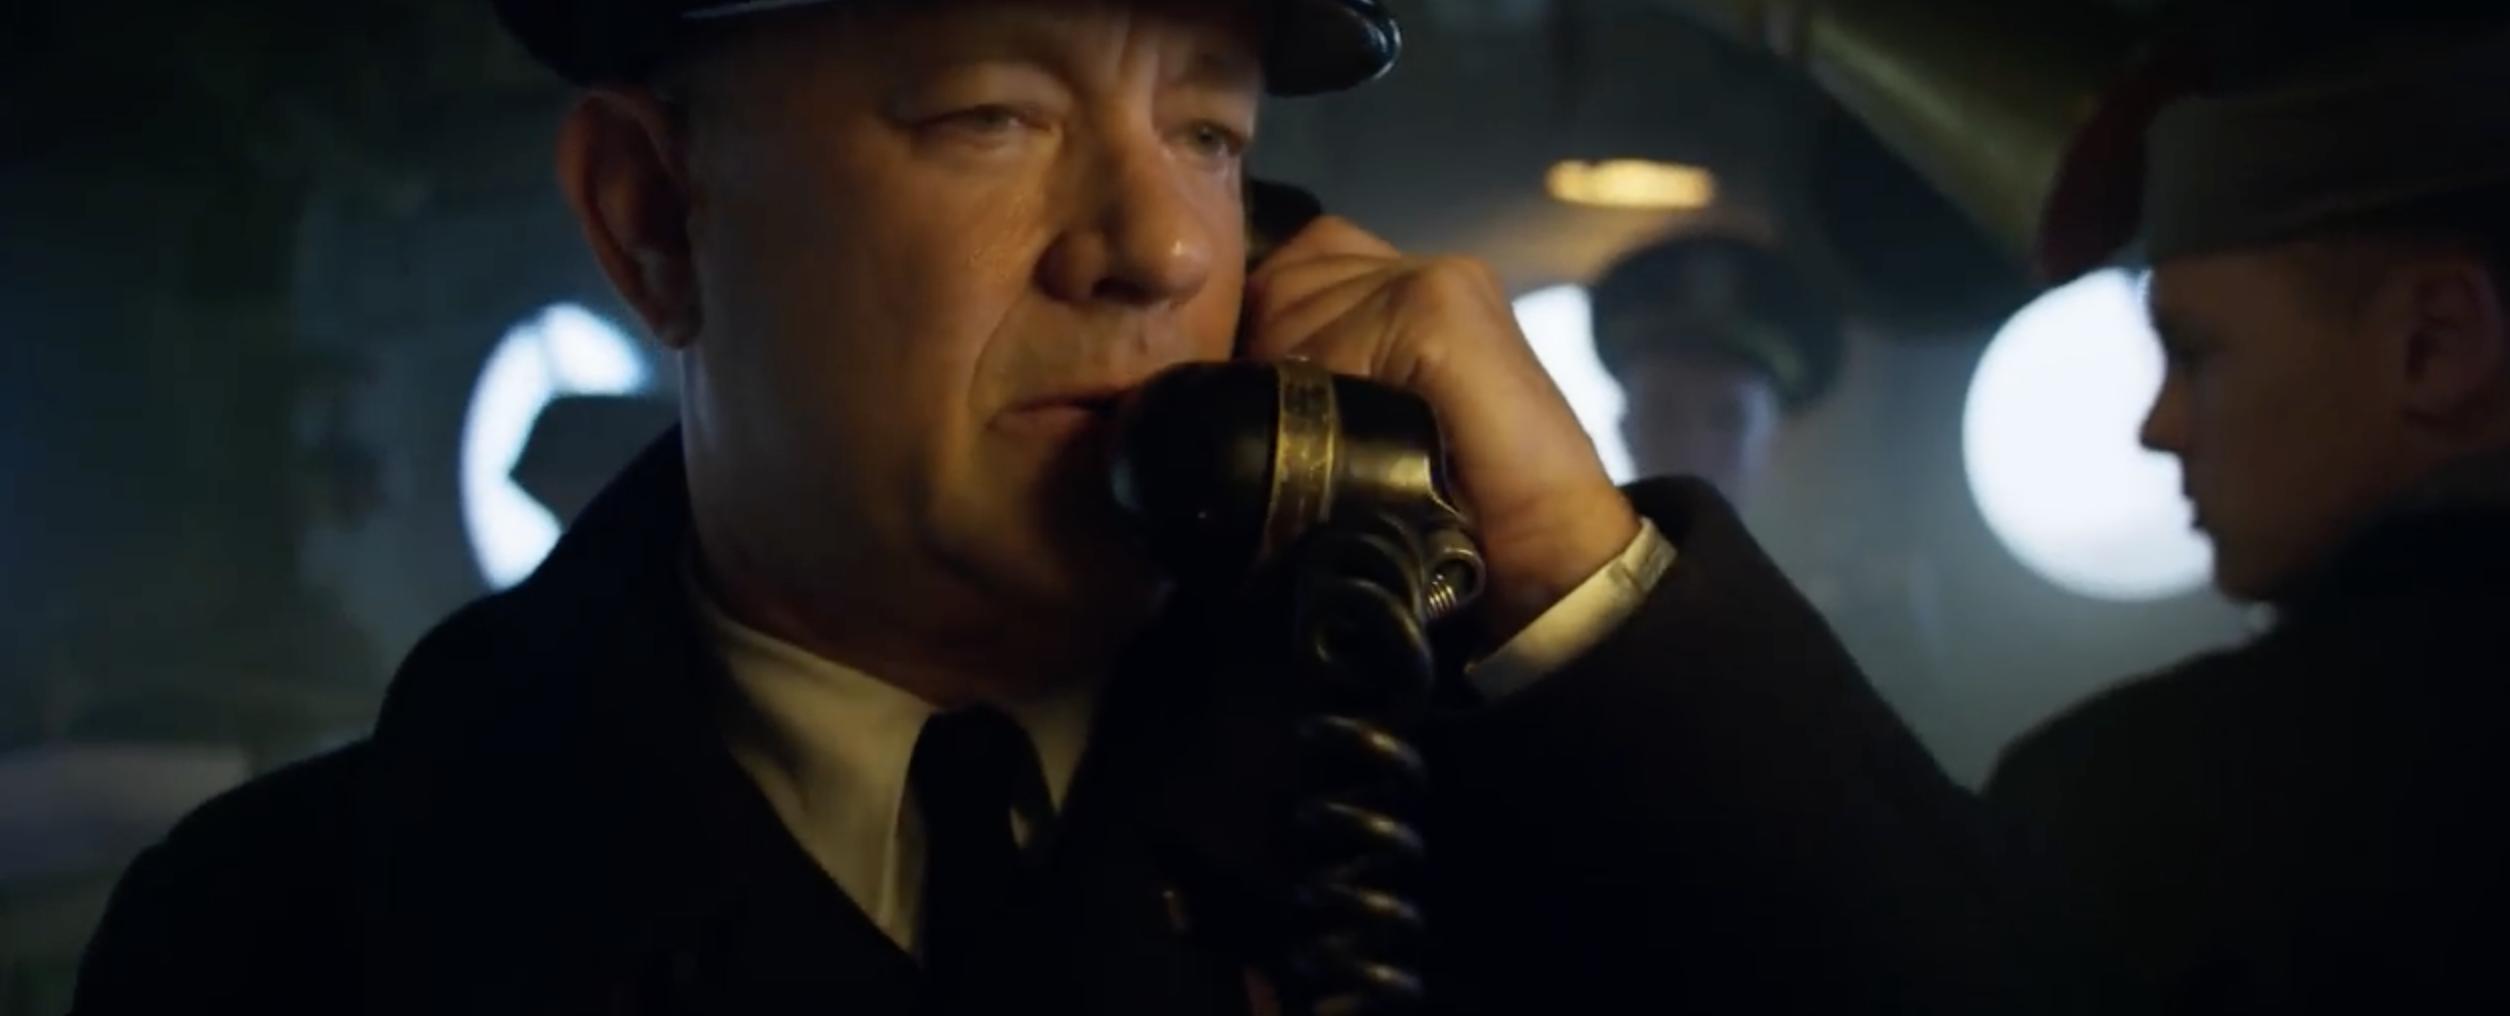 Apple TV+ 将于 7 月 10 日首映汤姆-汉克斯主演的故事片《灰狗》